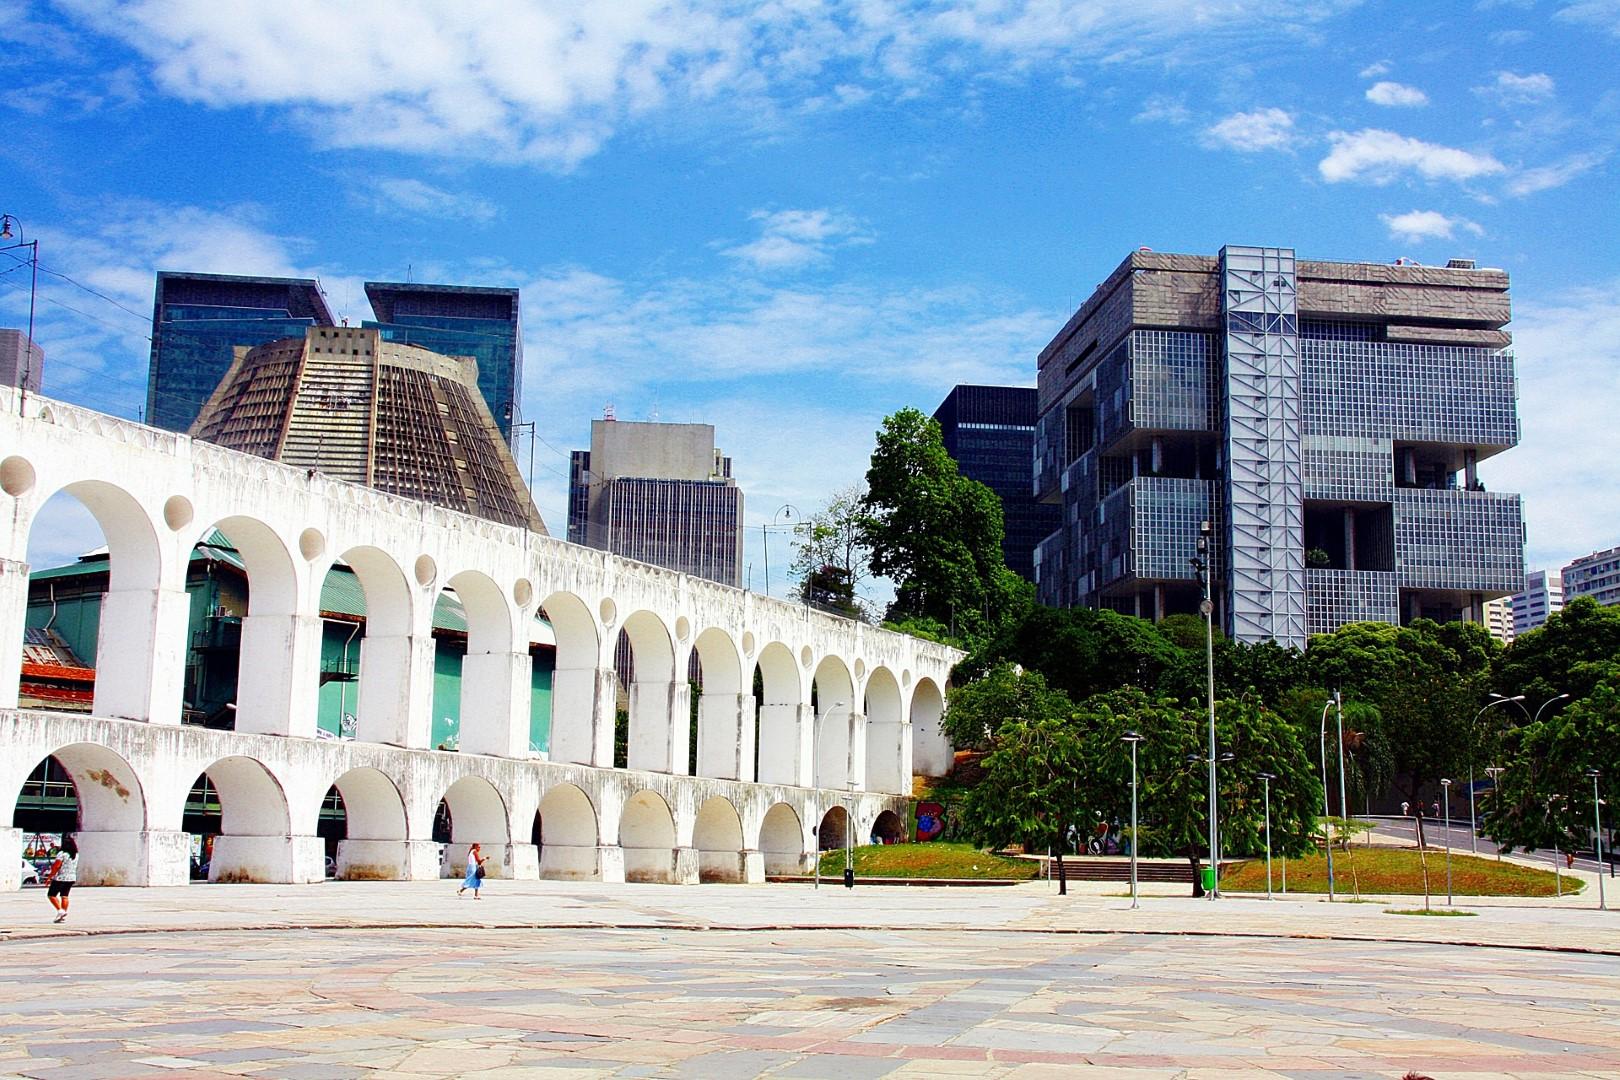 Gerenciamento de Redes Sociais em Campo Grande – Rio de Janeiro – RJ